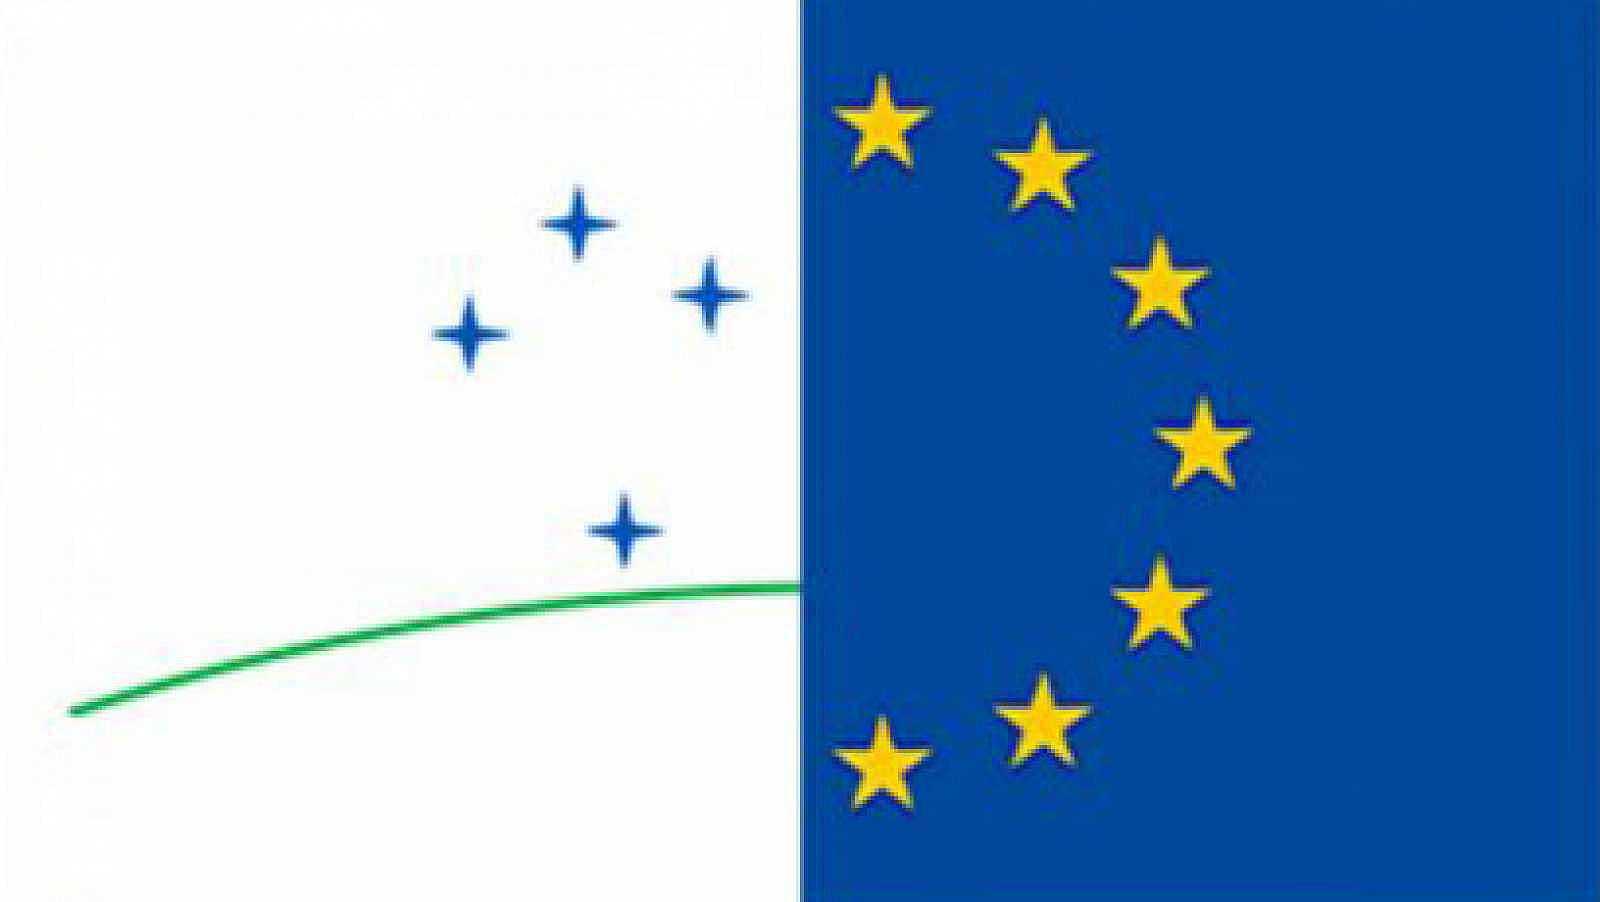 Europa abierta - Para evitar la presión de China, el acuerdo UE-Mercosur debe seguir adelante - escuchar ahora